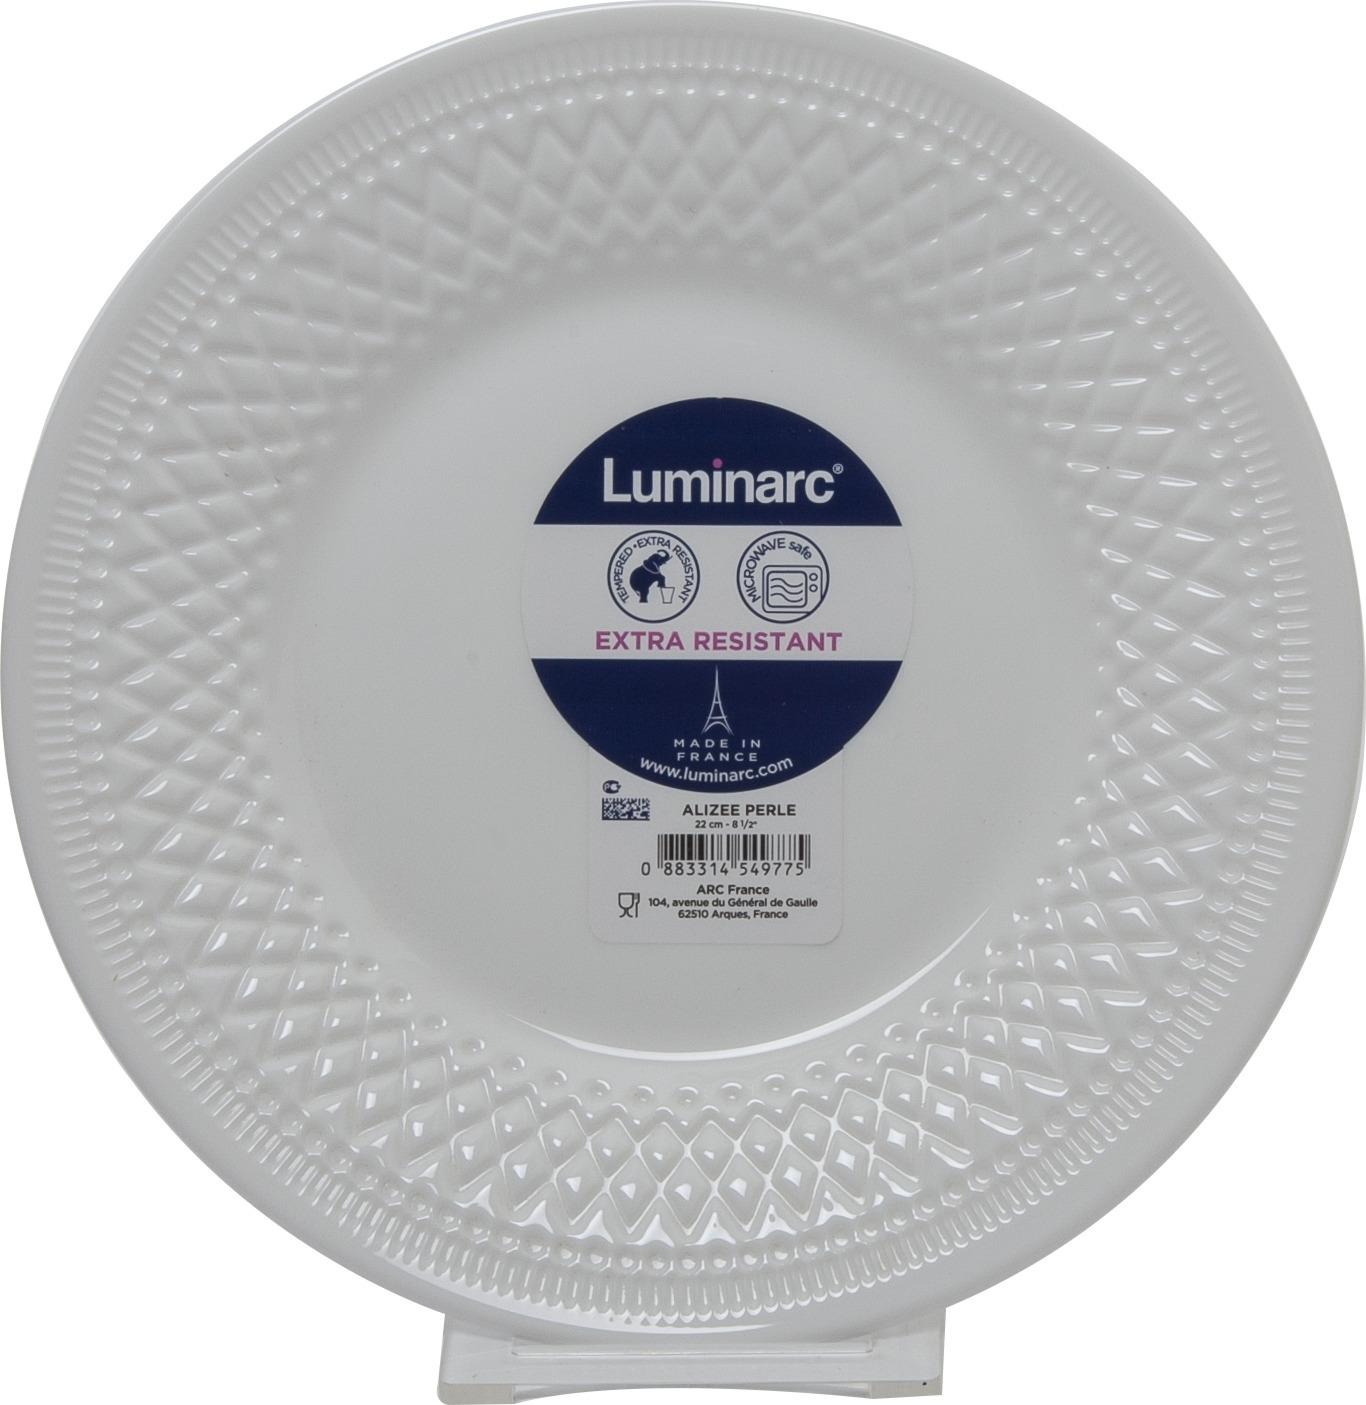 Тарелка десертная Luminarc Ализе Перл, L6346, белый, диаметр 22 см тарелка десертная luminarcalizee диаметр 22 см